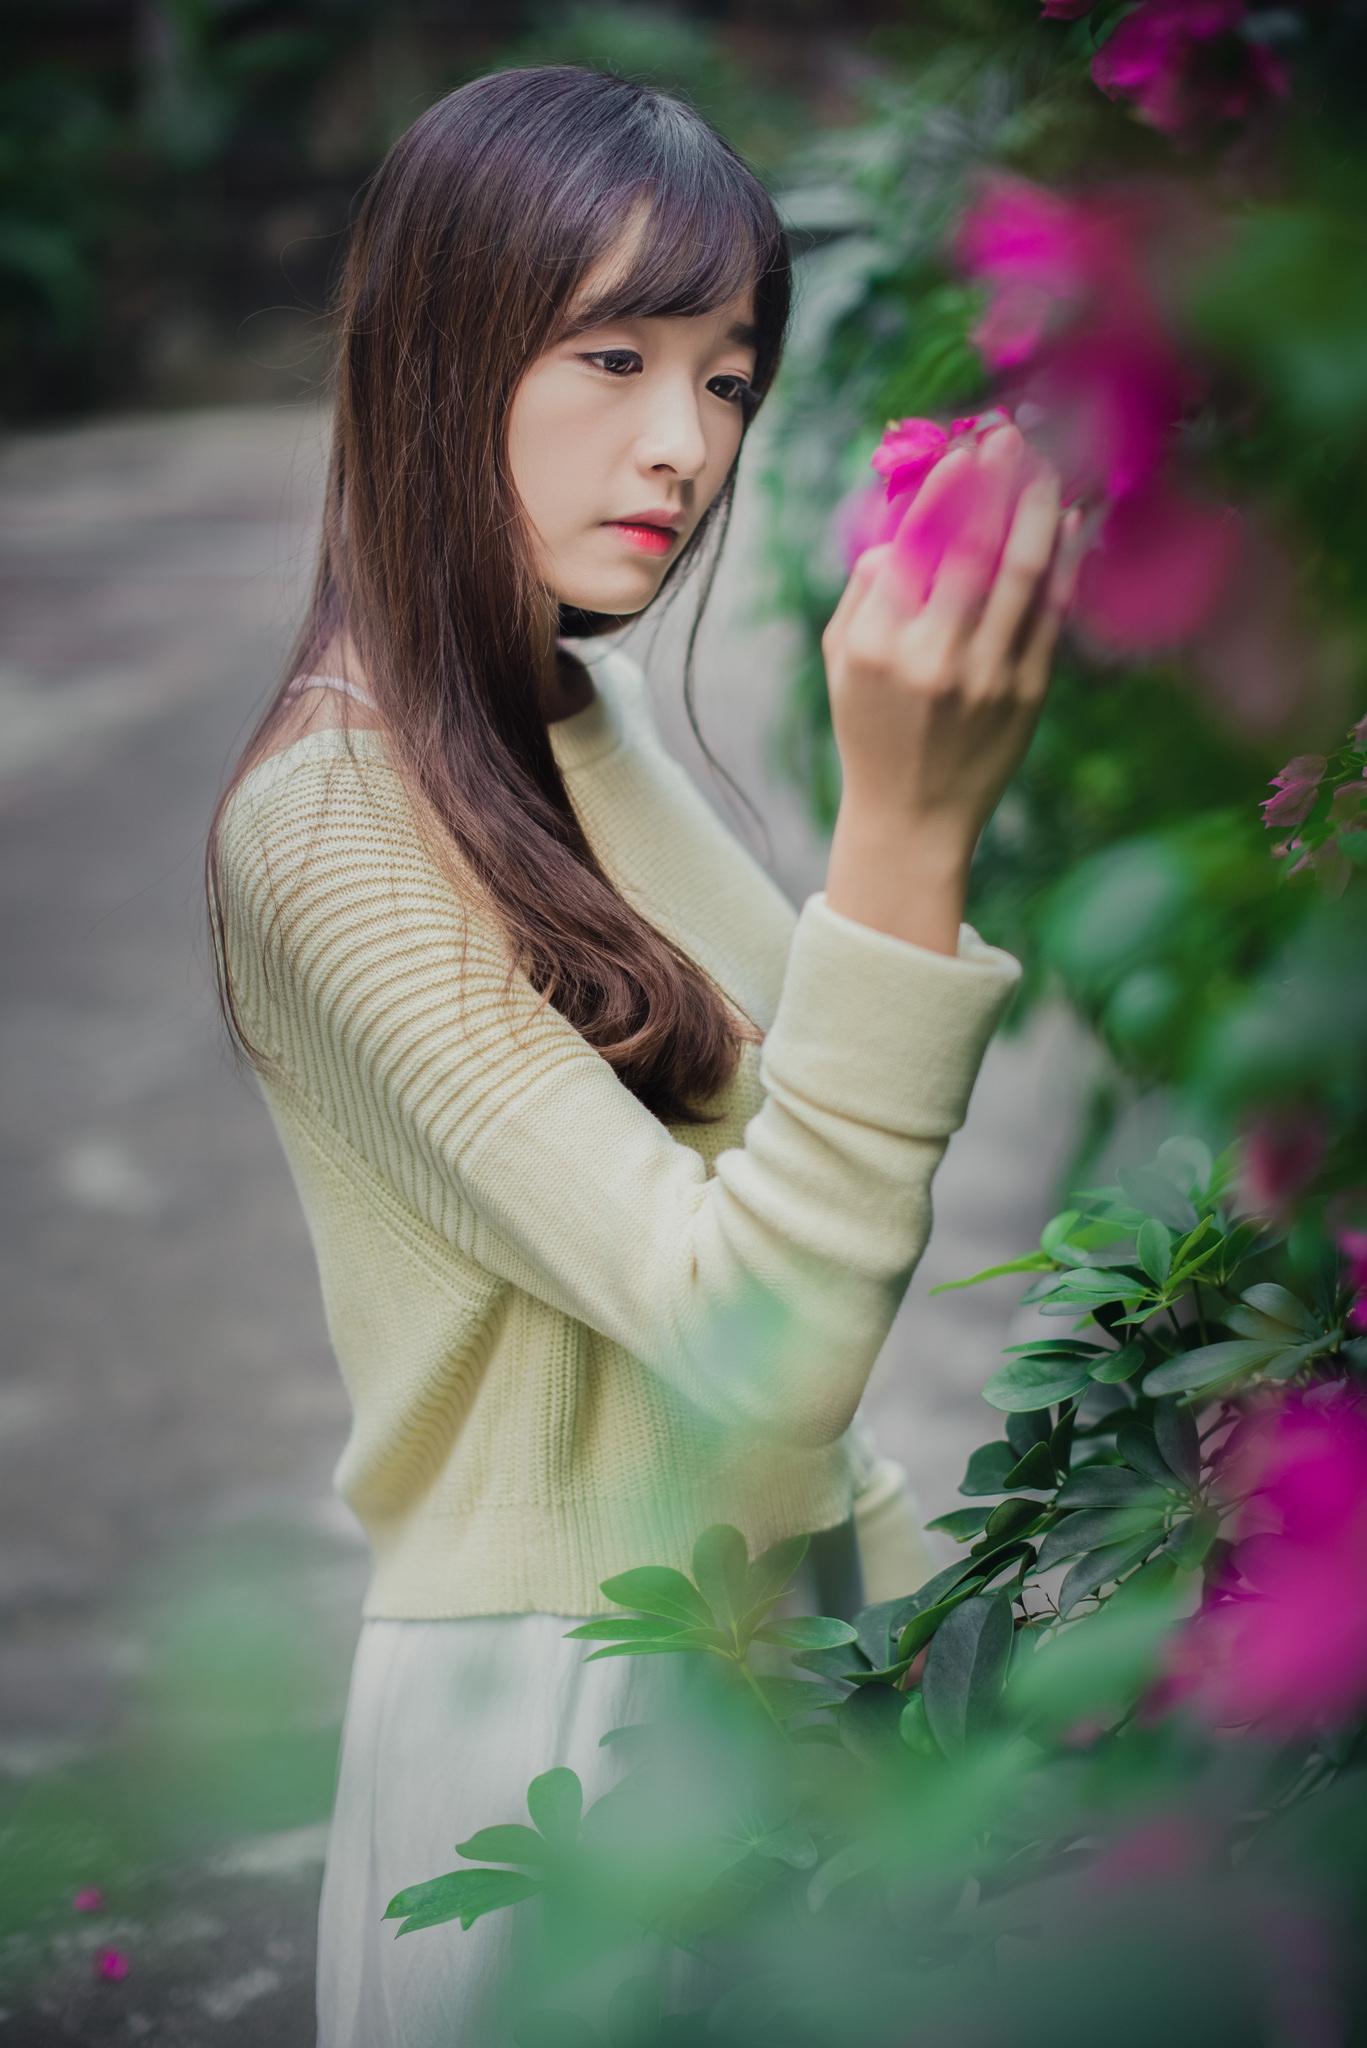 情意绵绵,温馨自暖【情感美文】 - 花仙子 - 花仙子的博客